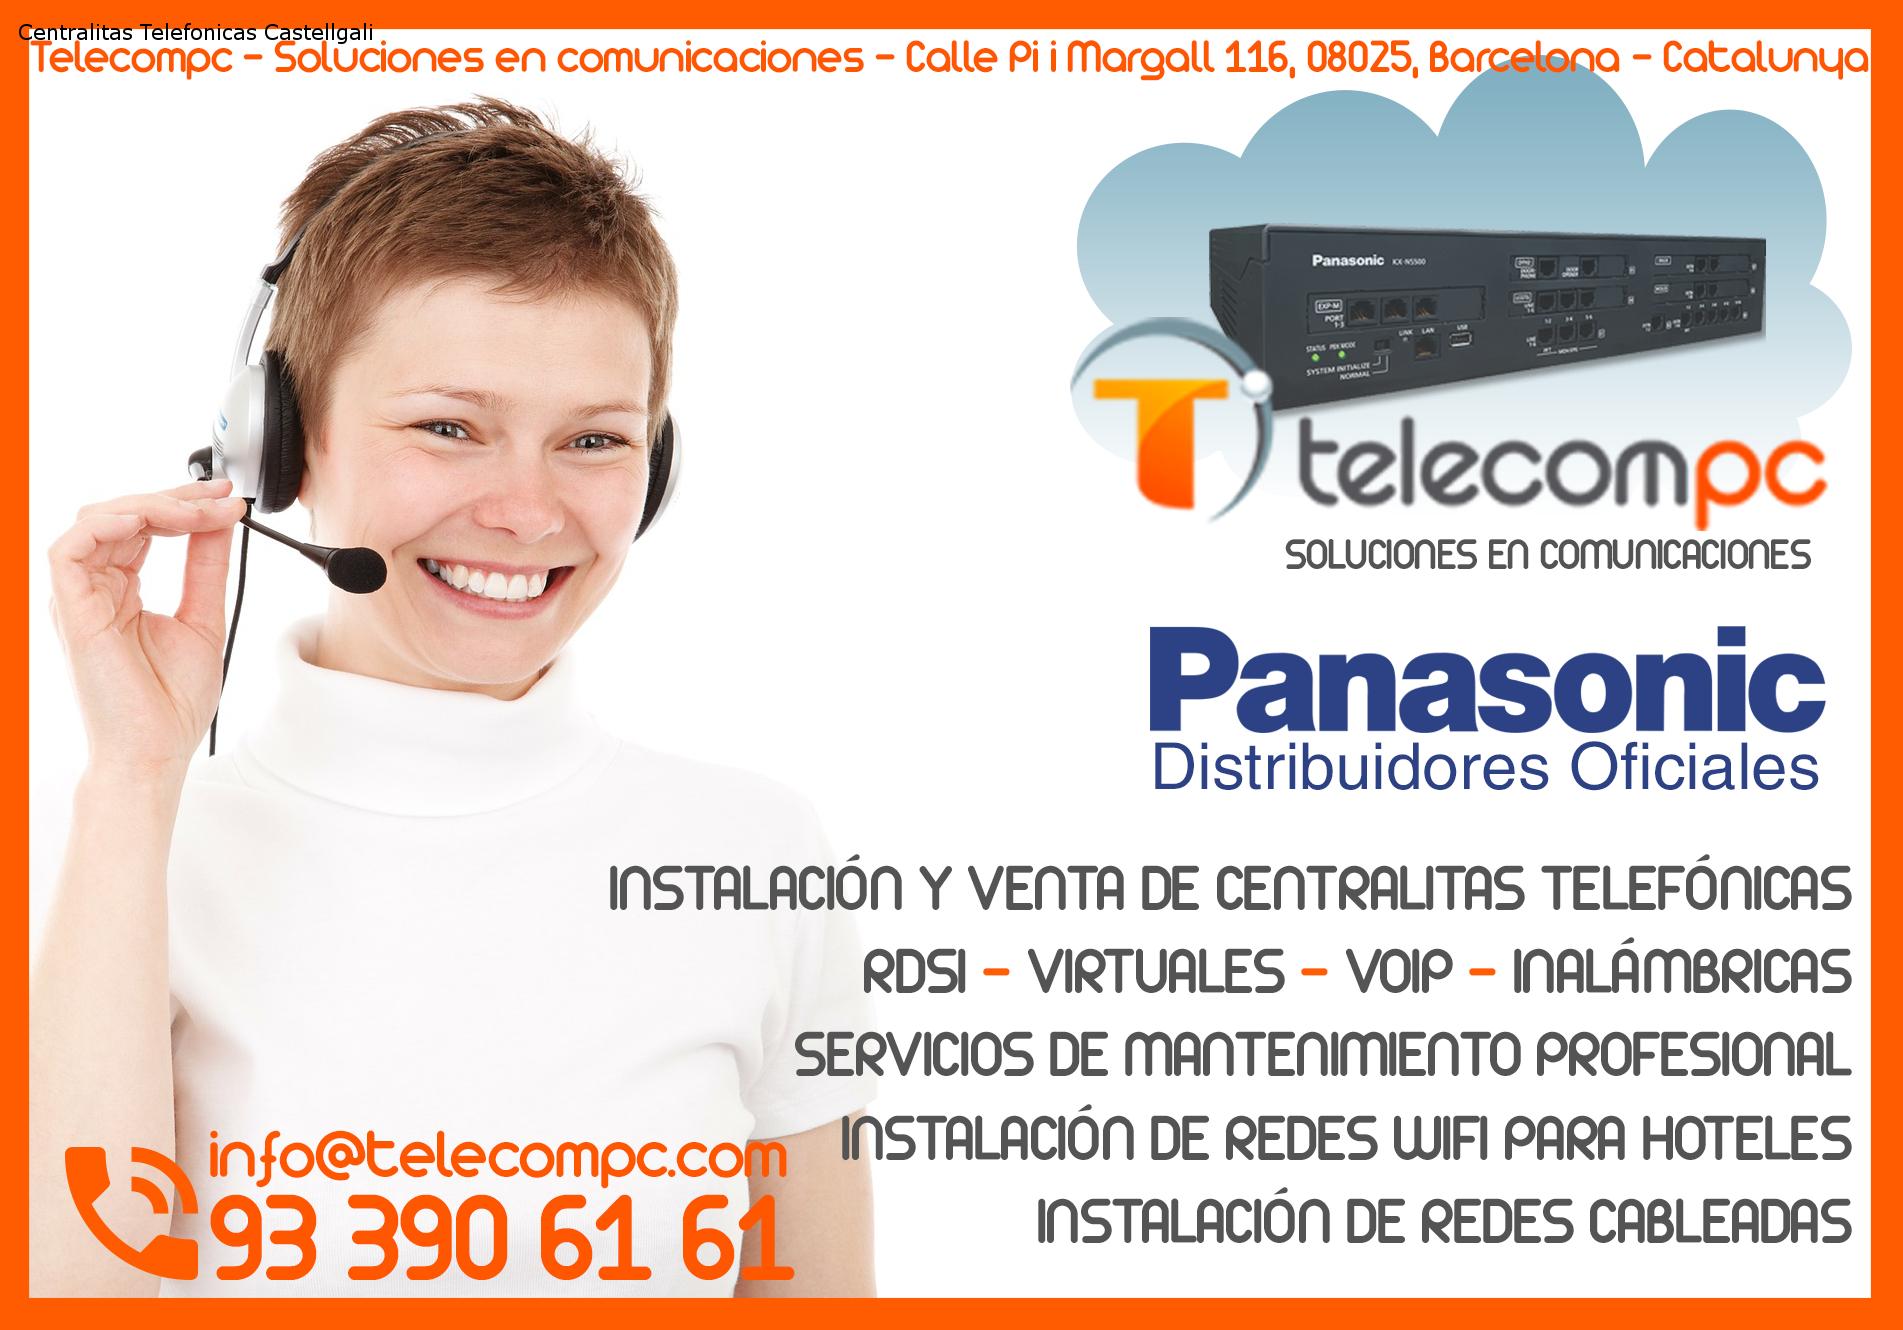 Centralitas Telefonicas Castellgali